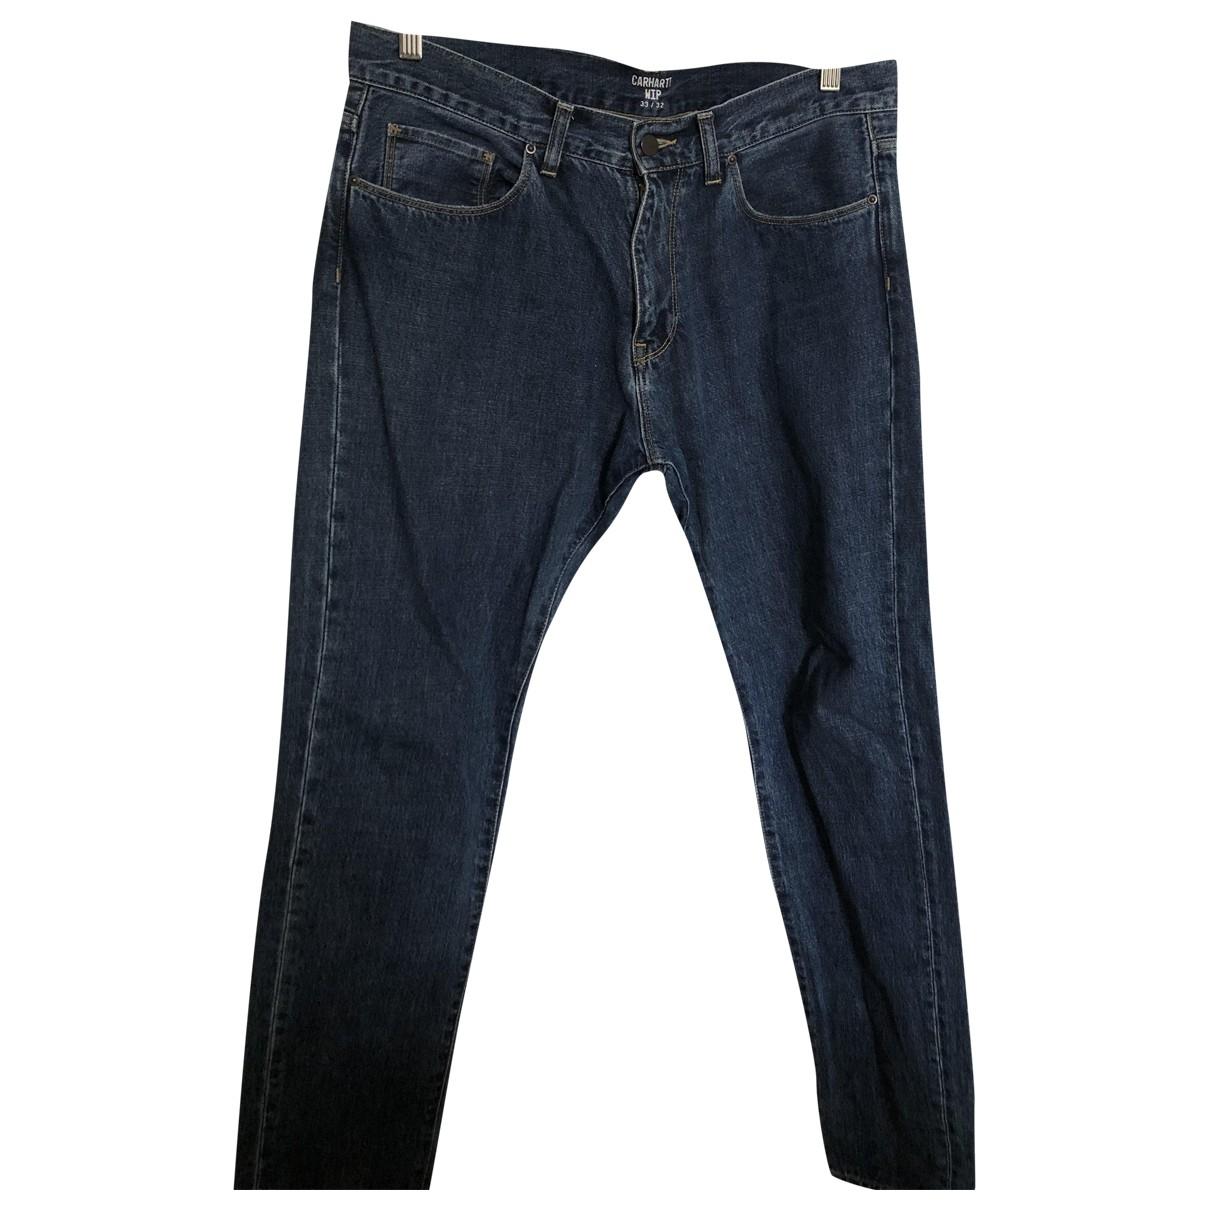 Carhartt Wip - Jean   pour homme en coton - bleu